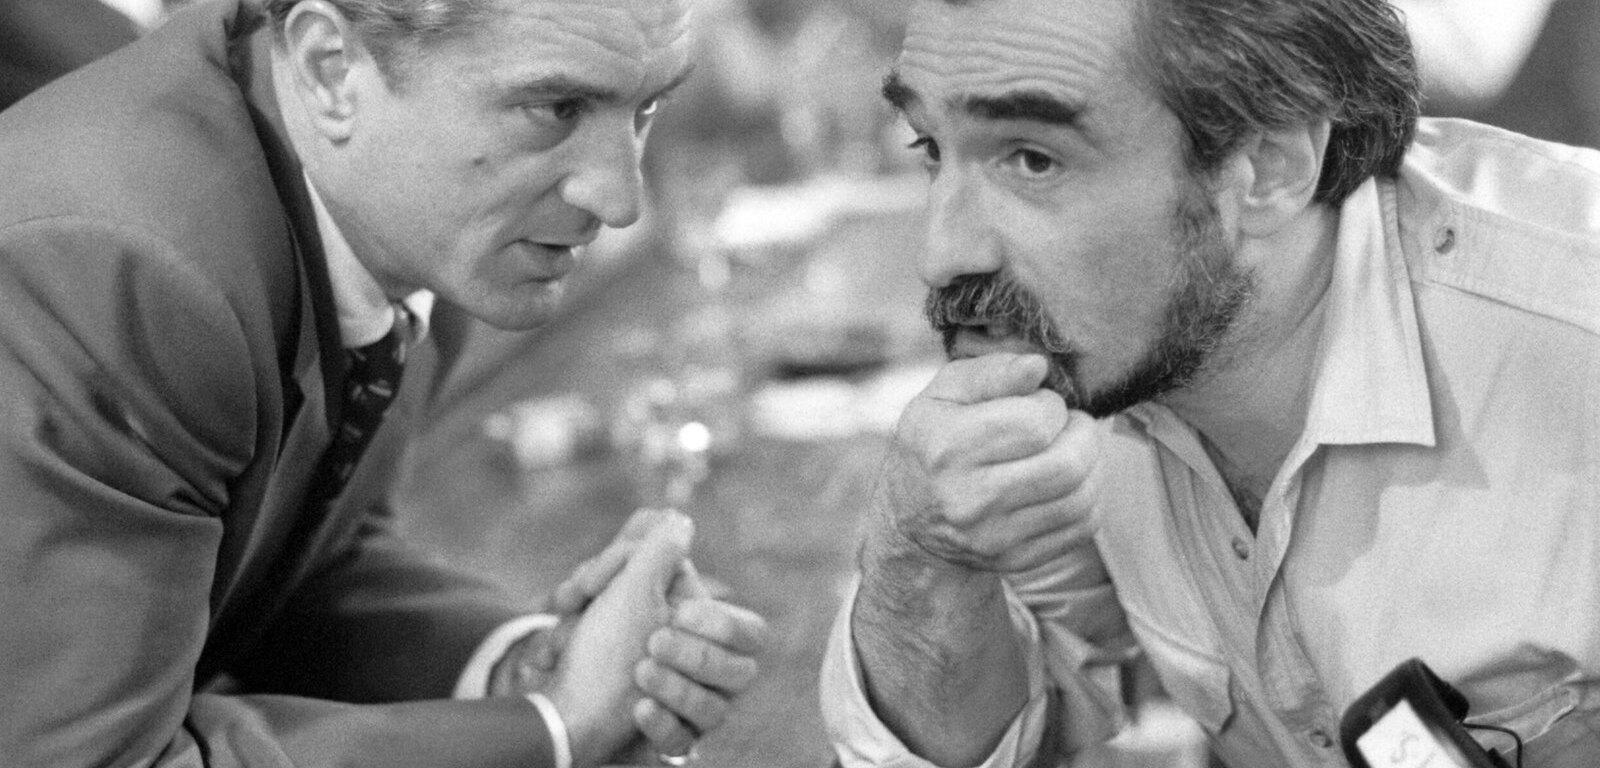 Robert De Niro y Martin Scorsese repasaron su increíble trayectoria juntos